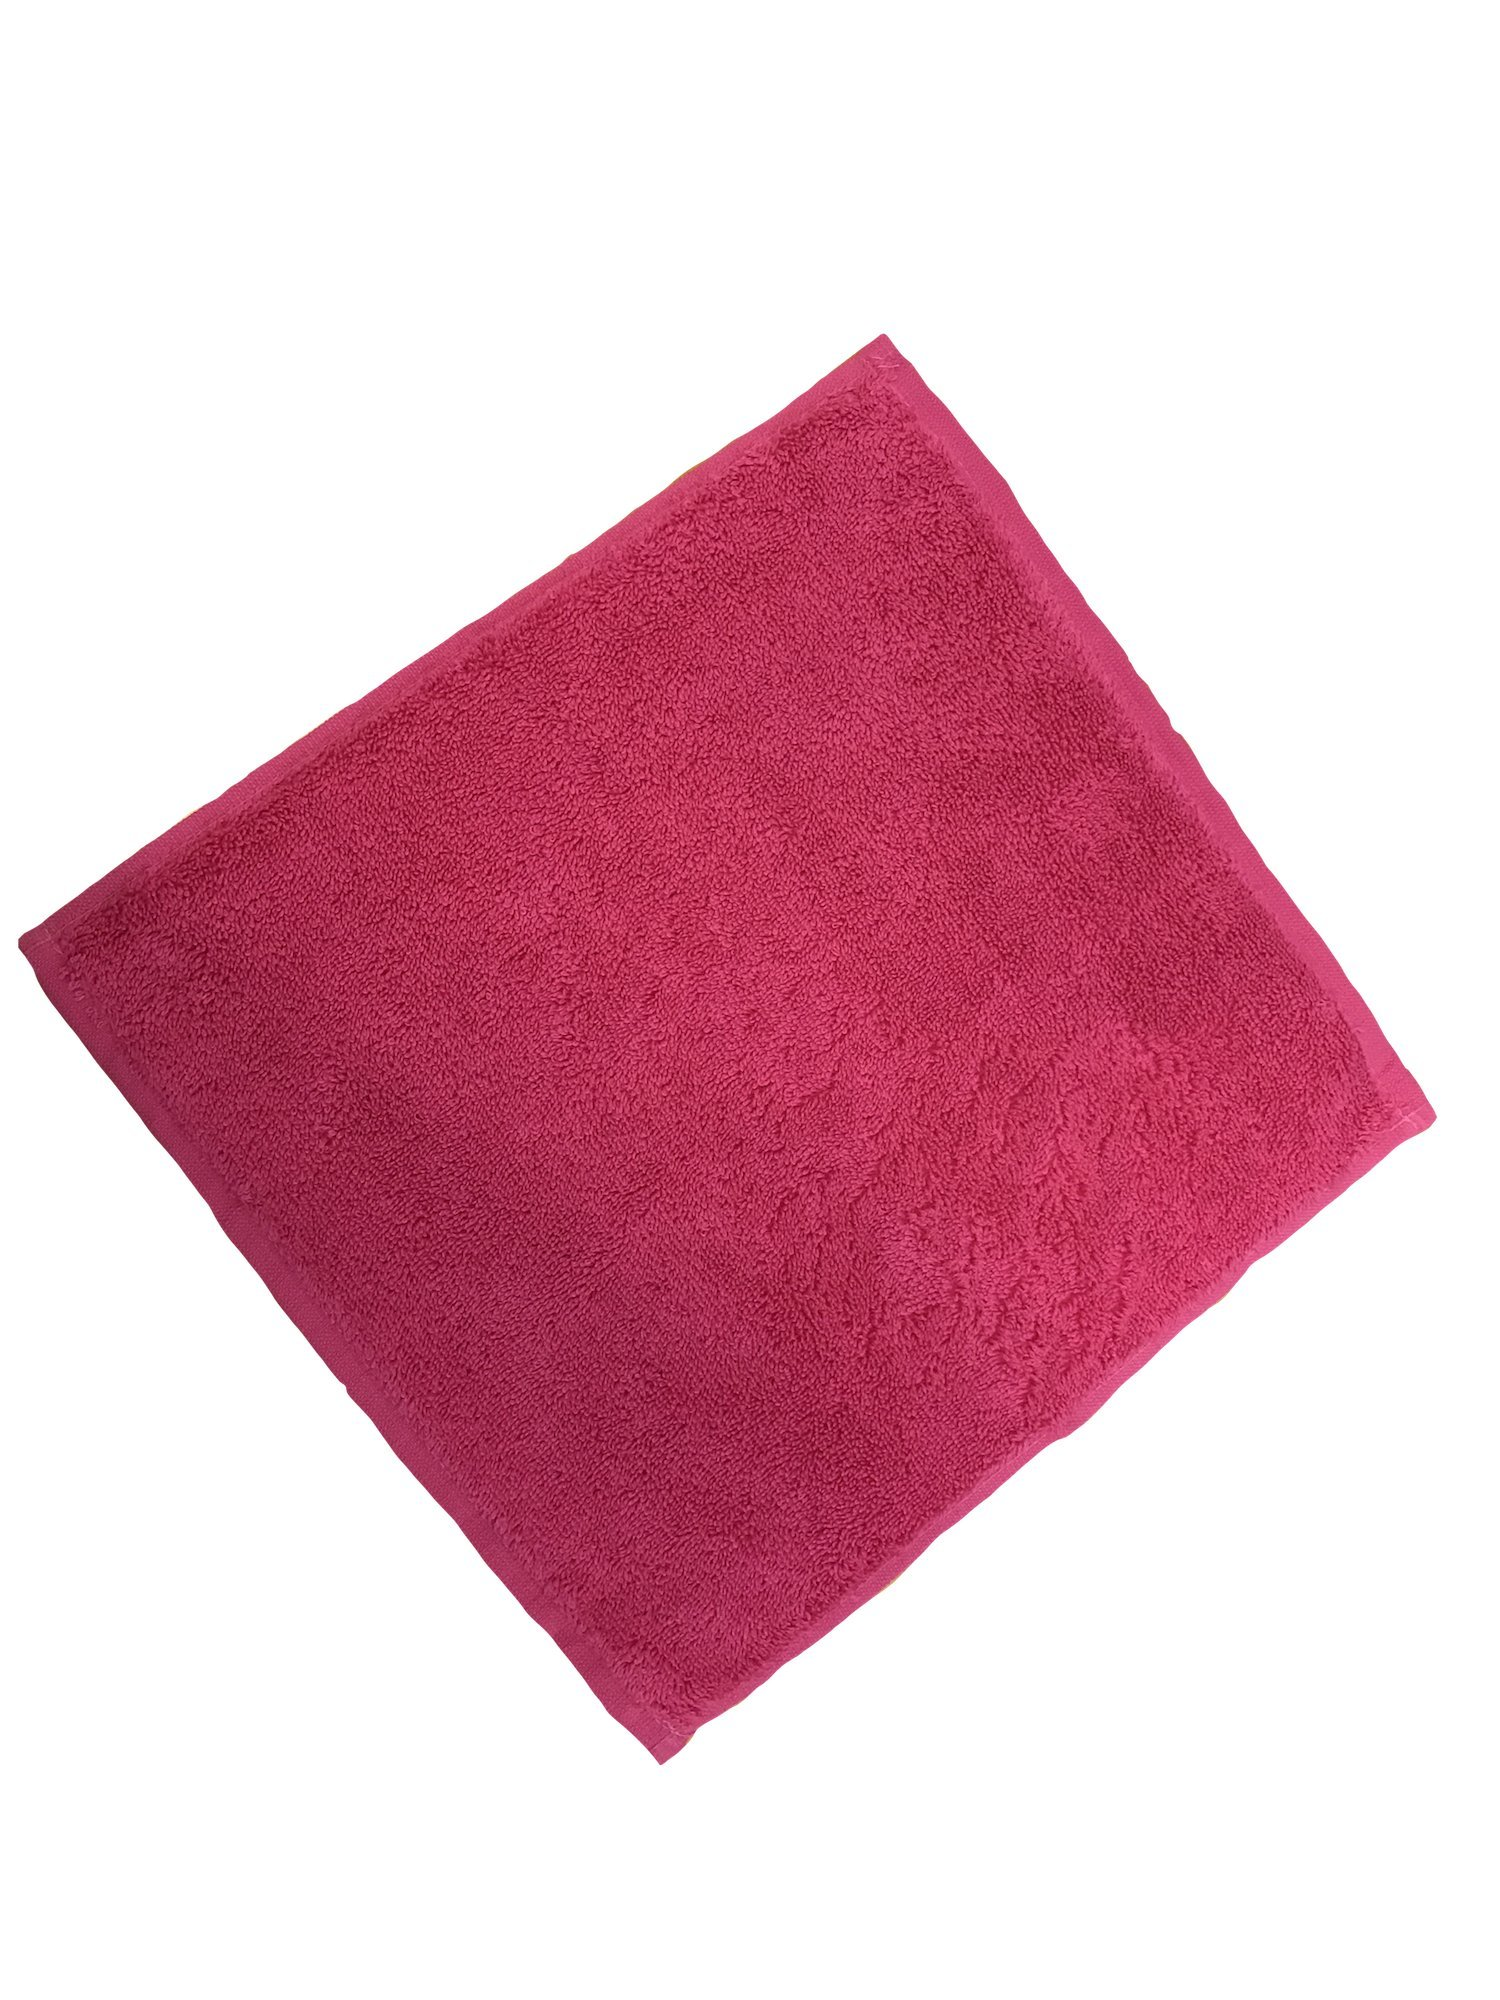 100% Turkish Soft Cotton Washcloth, Made in Turkey (Set of 12, Hot Pink)